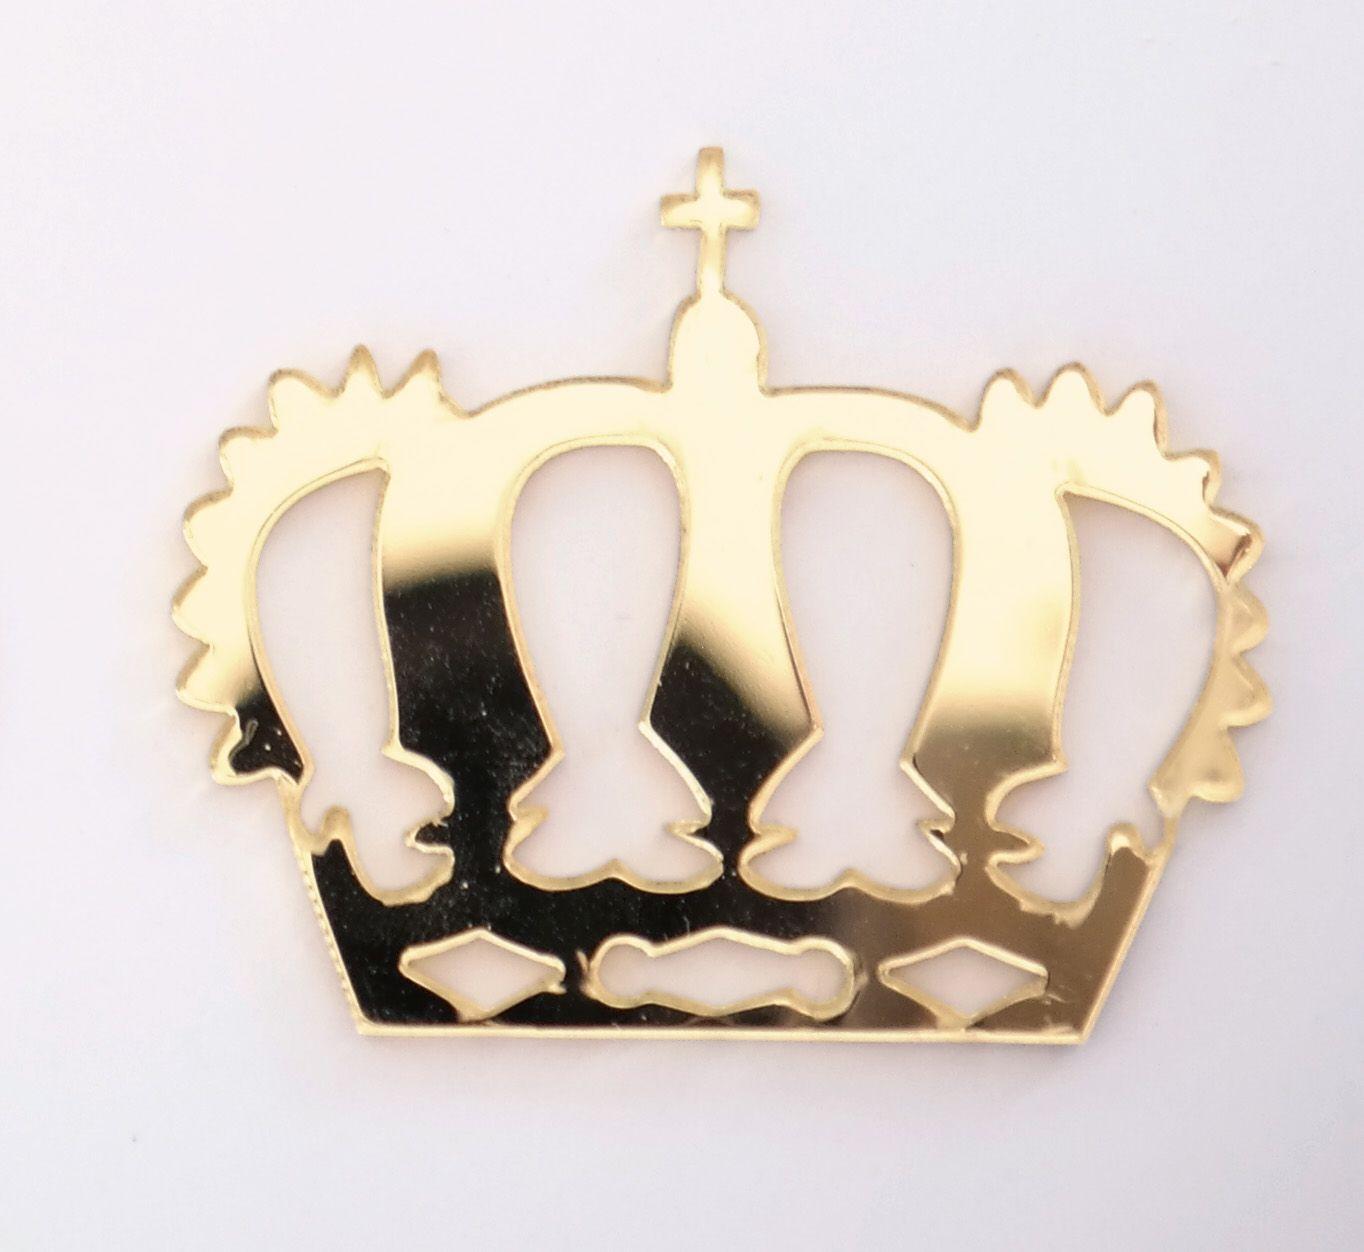 Aplique em acrílico espelhado - Coroa 05 - 5cm - 10 peças